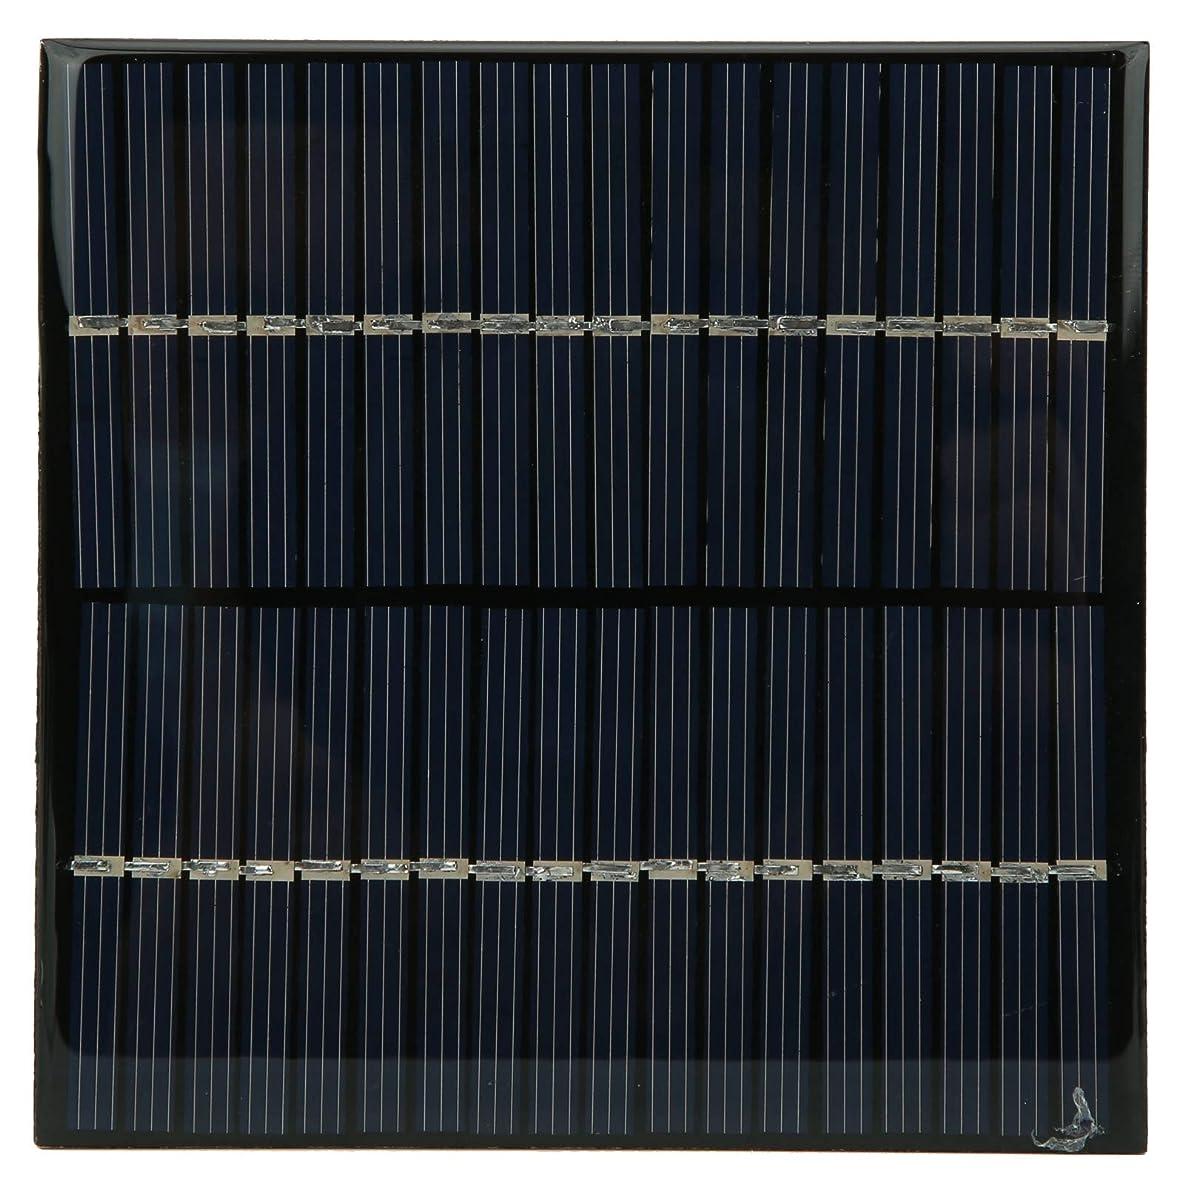 プレゼンター当社疎外するソーラーパネルモジュール、ソーラーパネル充電器、ポリシリコン材料スーツソーラーウォーターポンプ用低電力電気機器屋外ソーラー広告